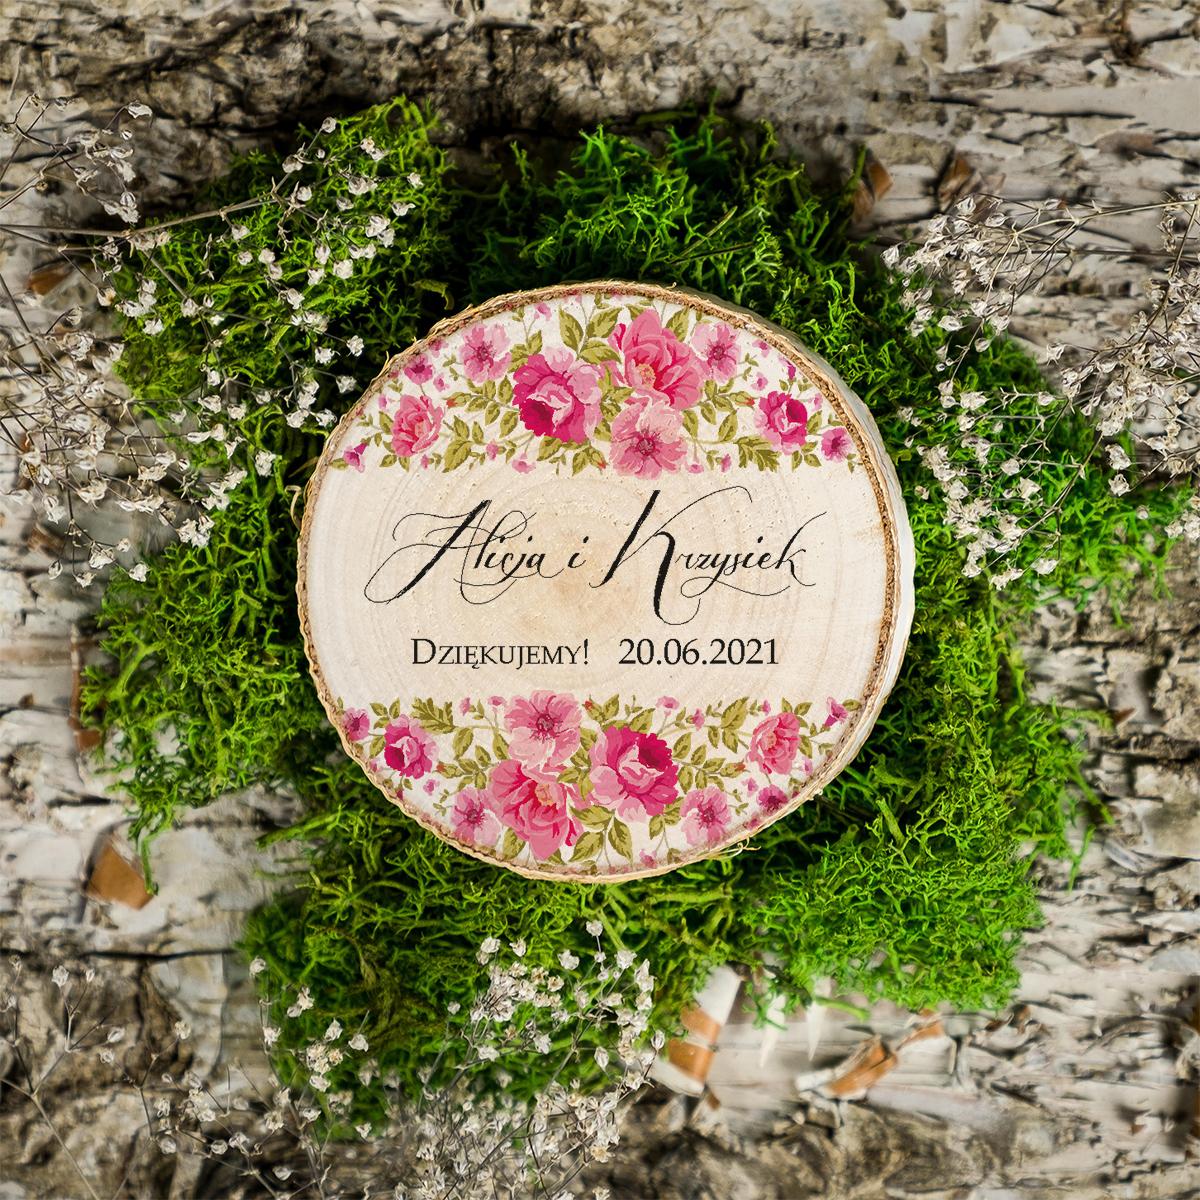 Magnes na plastrze brzozy - Ogrodowe róże